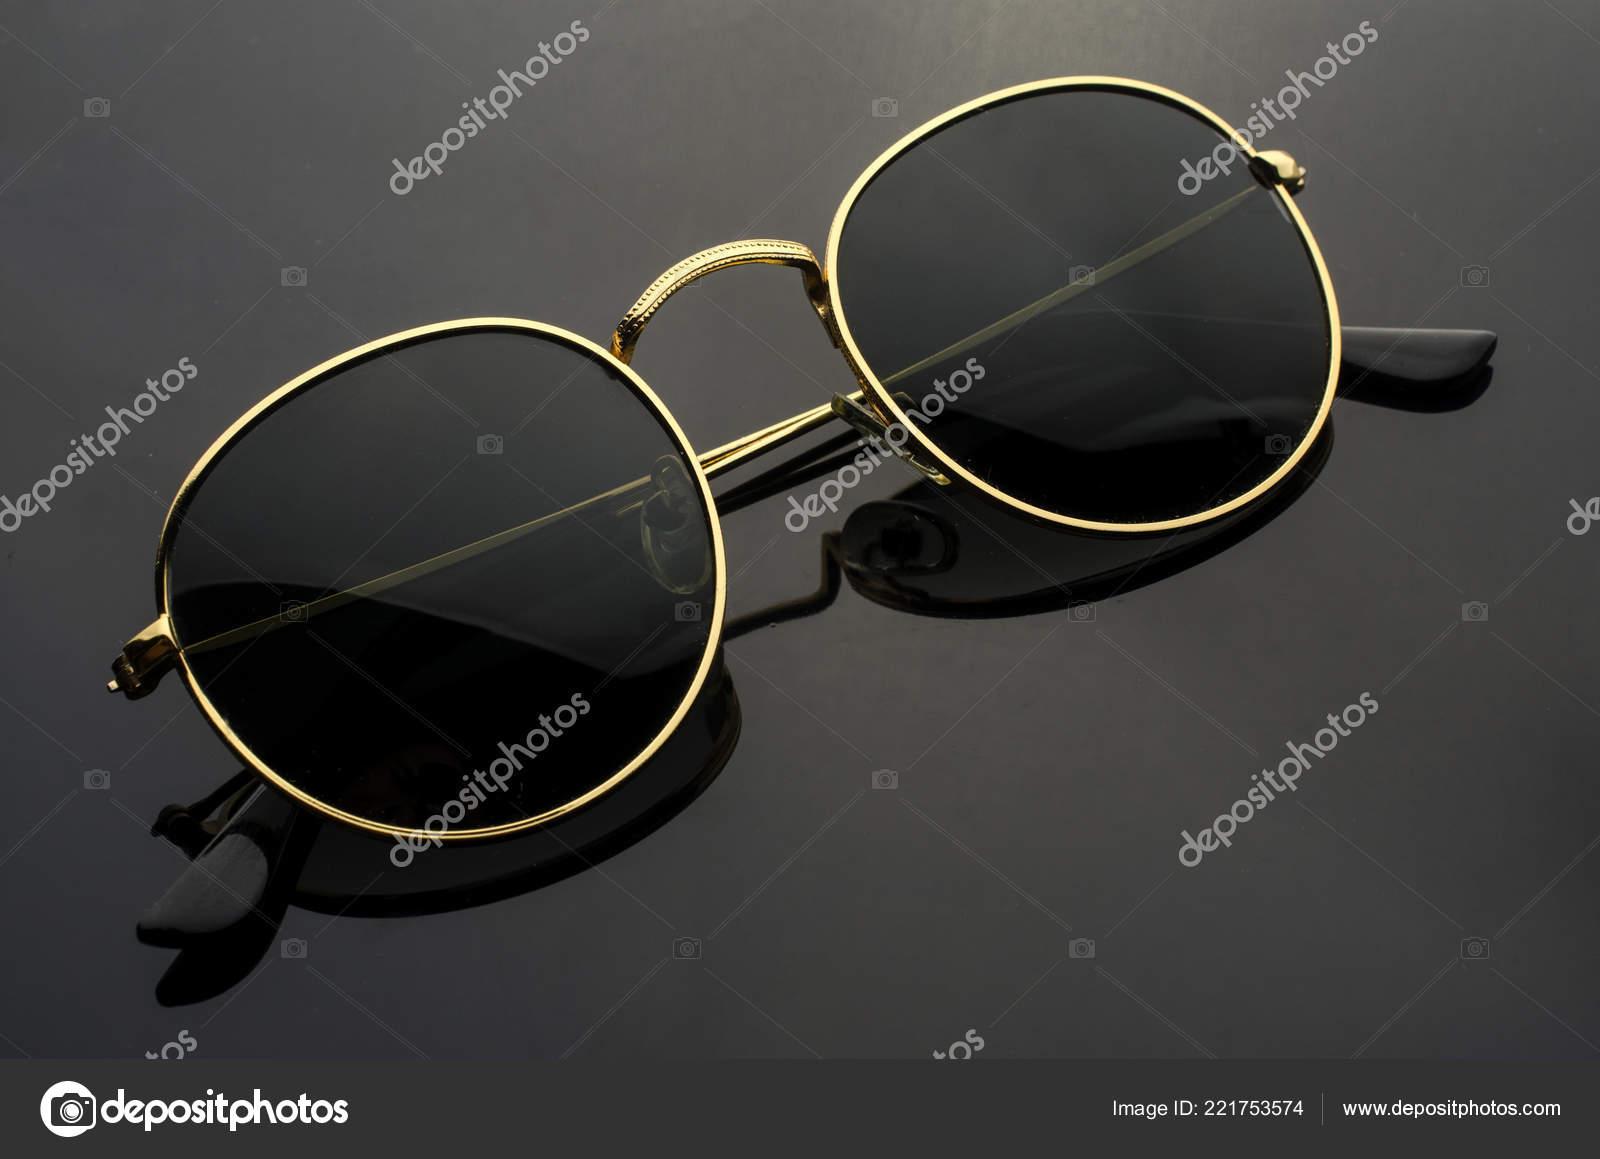 b9dd774973f035 Ronde Zonnebril Geïsoleerd Zwart — Stockfoto © vi0222  221753574